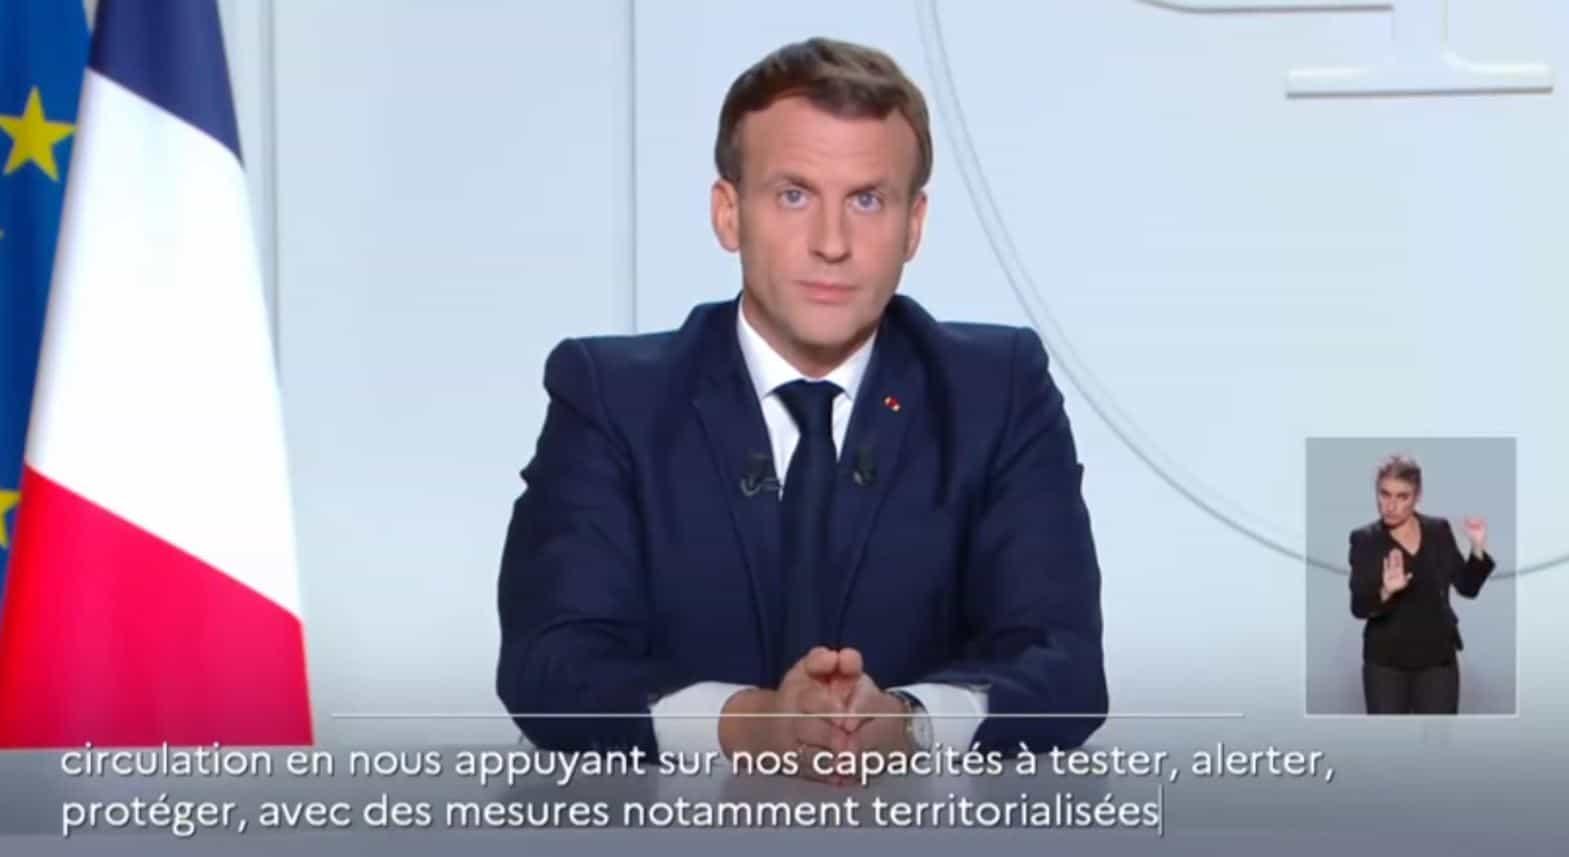 Covid 19 in Francia: la situazione attuale e le decisioni di Macron